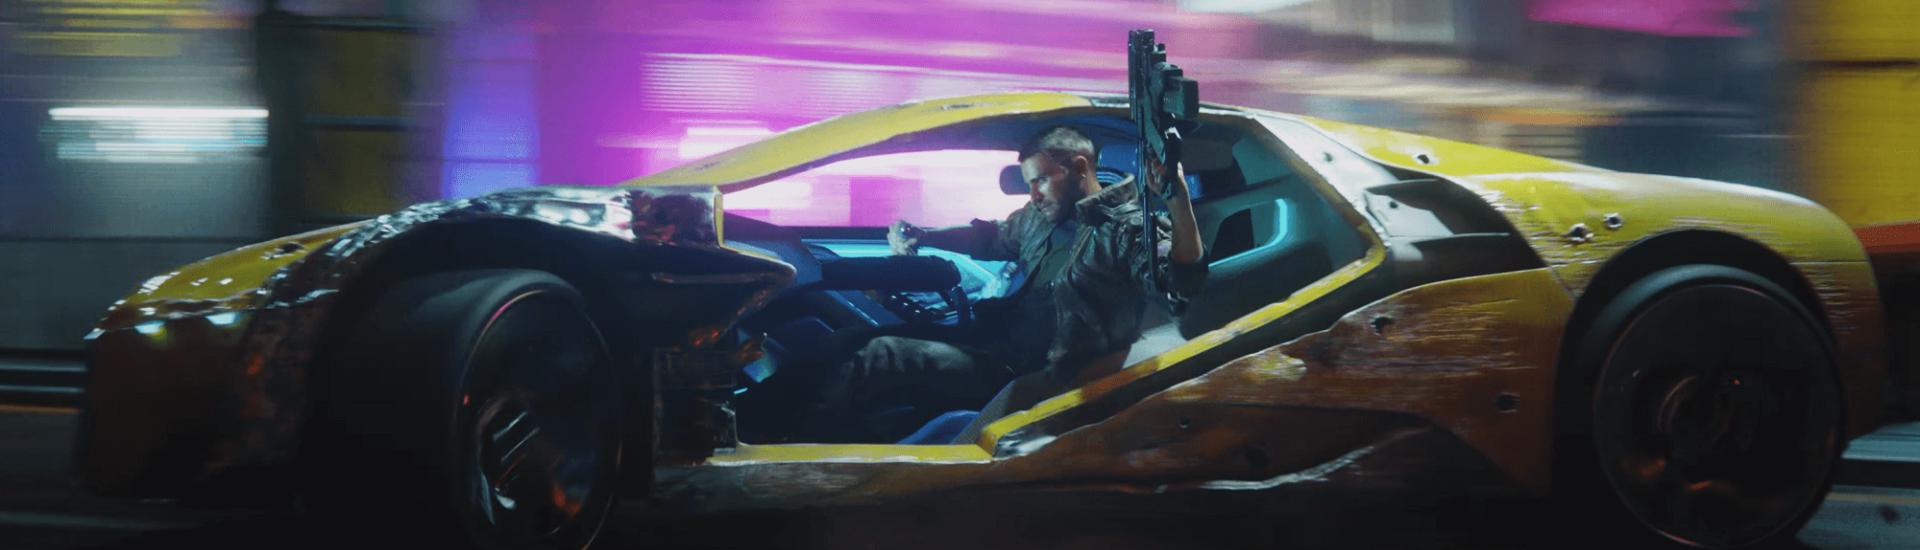 Neuer Trailer zu Cyberpunkt 2077: Keanu Reeves spricht zu uns